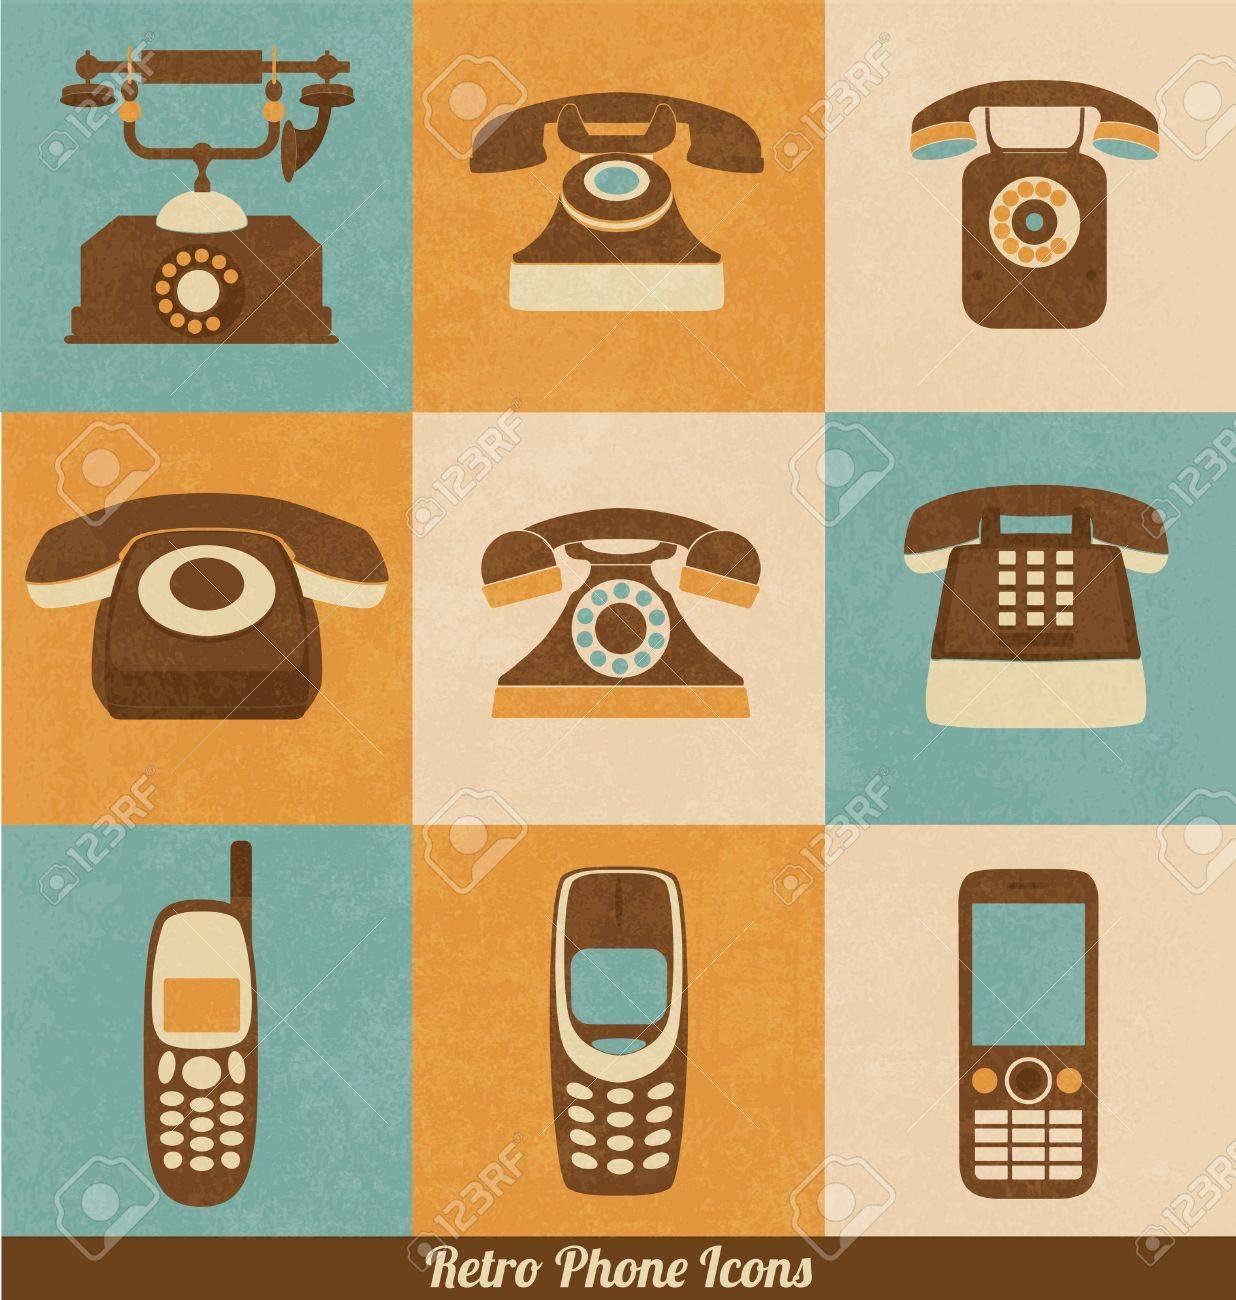 Retro Phone Icons Stock Vector - 18634089